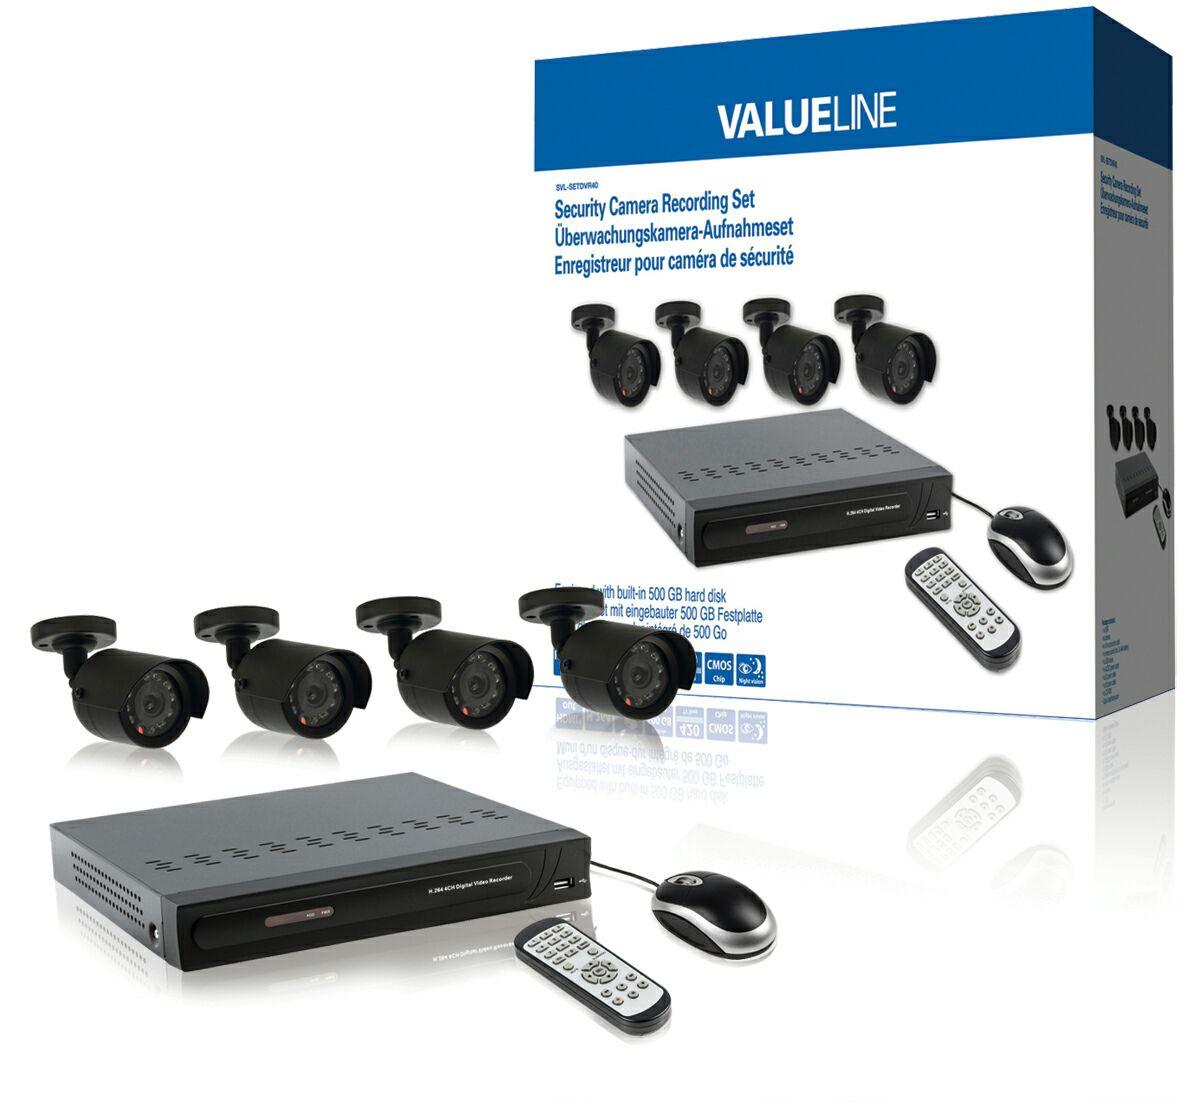 Valueline Überwachungskamera-Aufnahmeset mit eingebauter 500 GB Festplatte SVL-SETDVR40, real